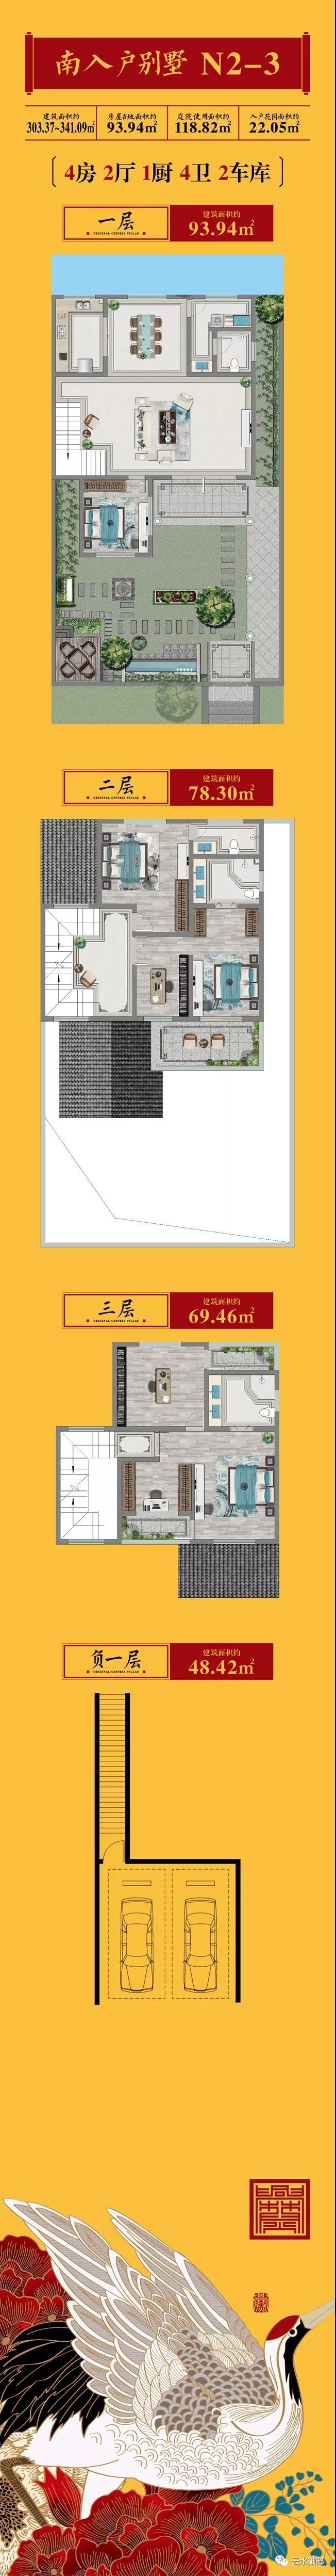 n2-3.jpg